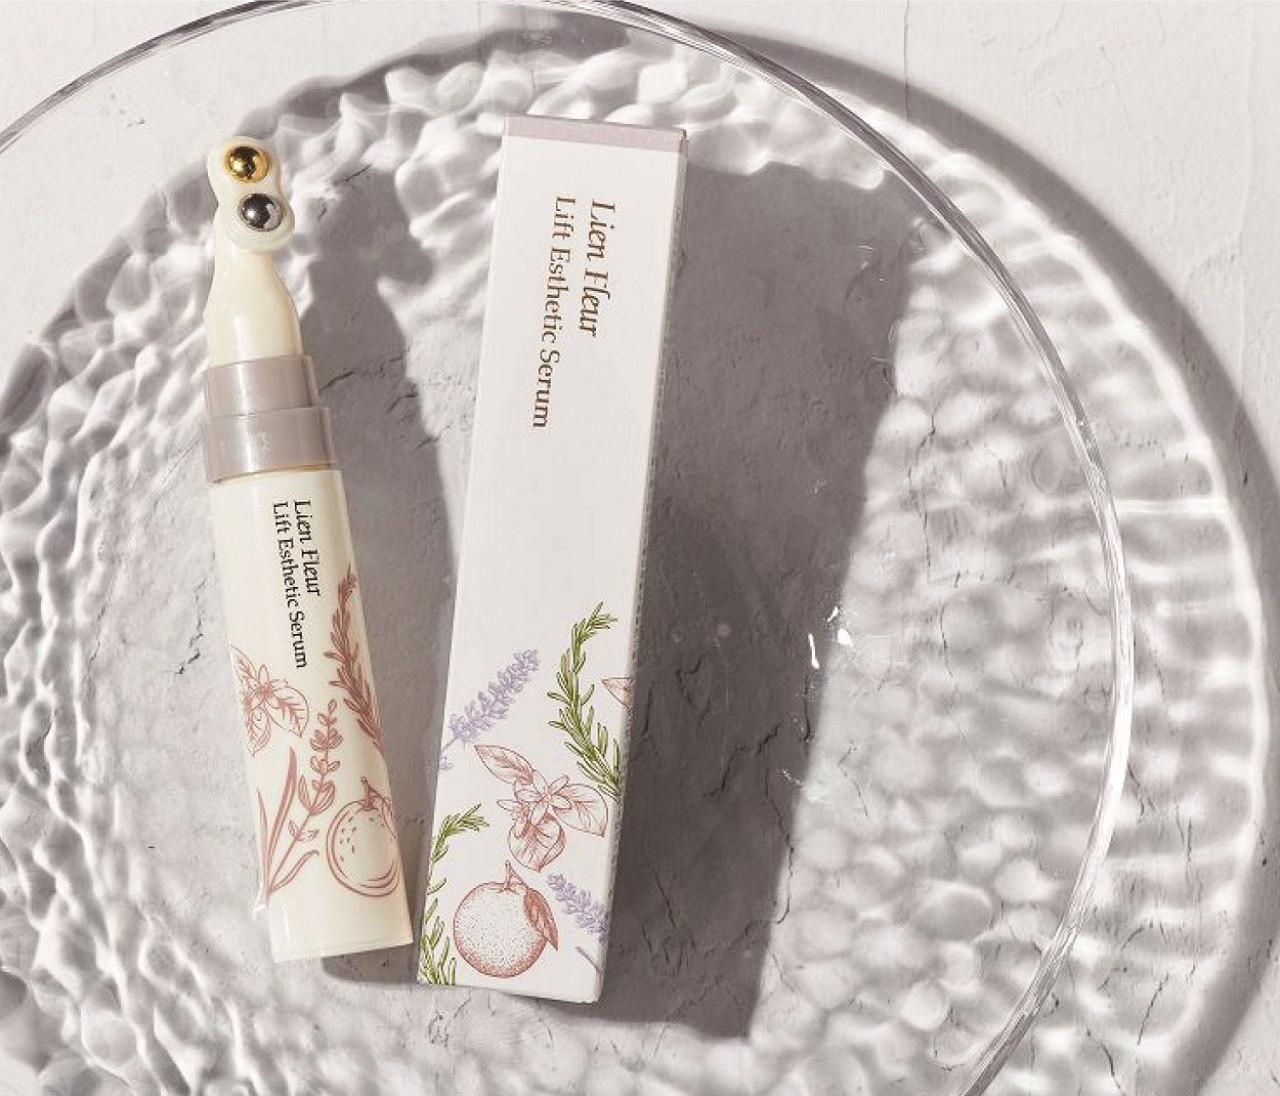 【BAILA公式Twitterフォロー&リツイートキャンペーン】エステ級の美容液「リフトエステセラム」を10名様にプレゼント